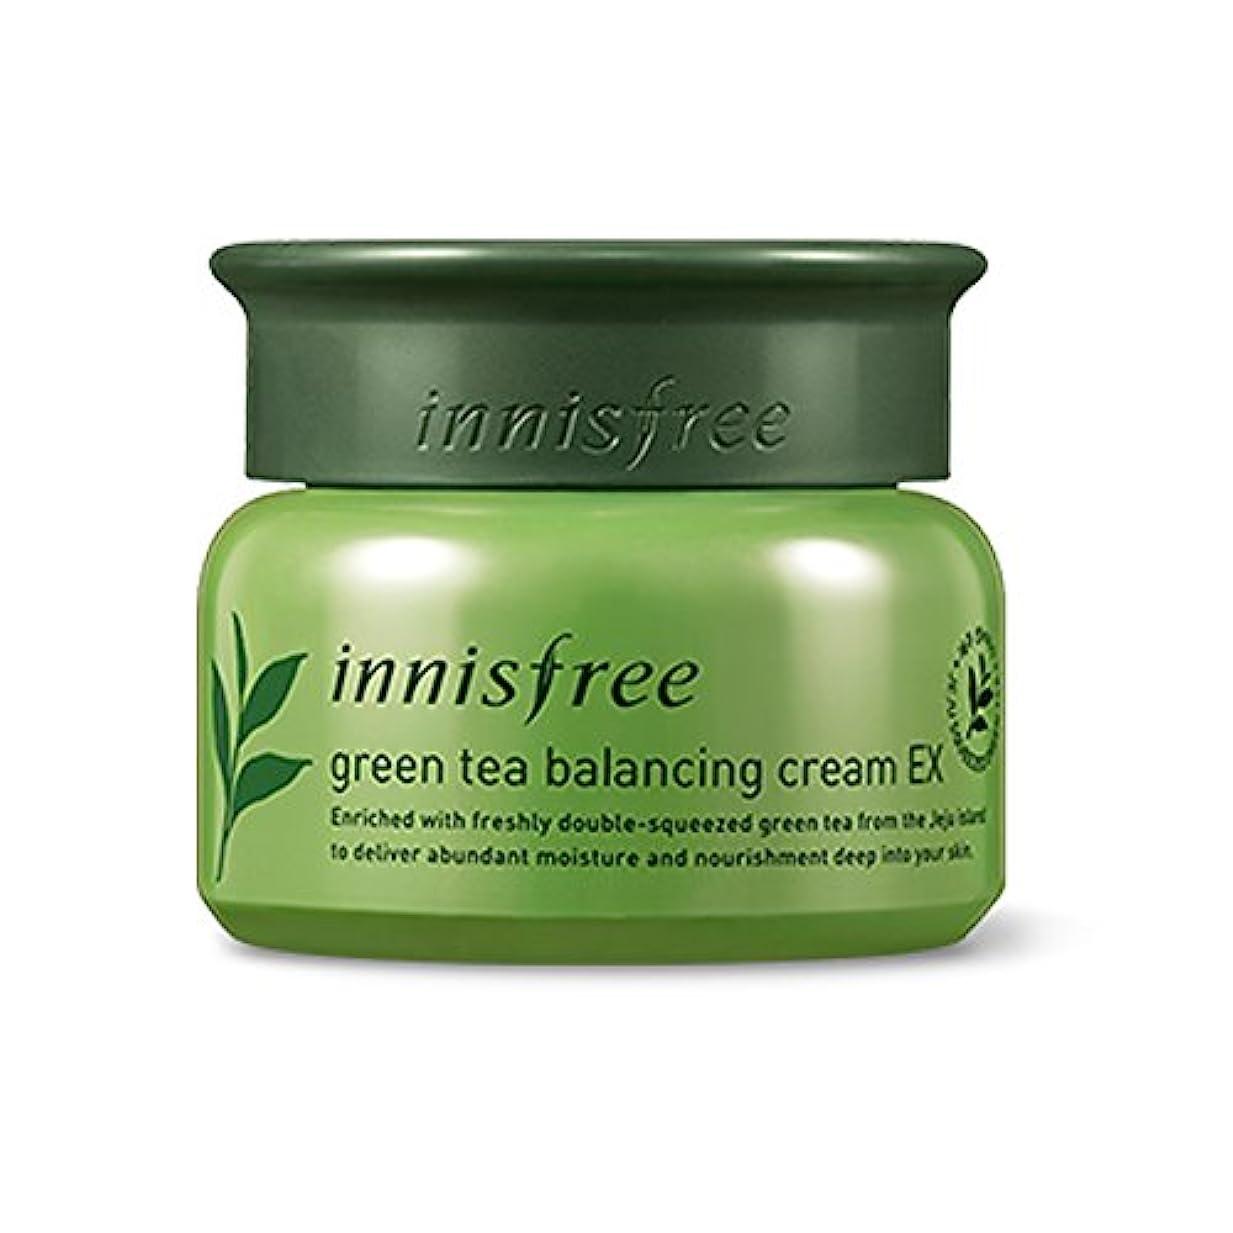 落ち着く肌ホイストイニスフリーグリーンティーバランスクリーム50ml「2018新製品」 Innisfree Green Tea Balancing Cream 50ml